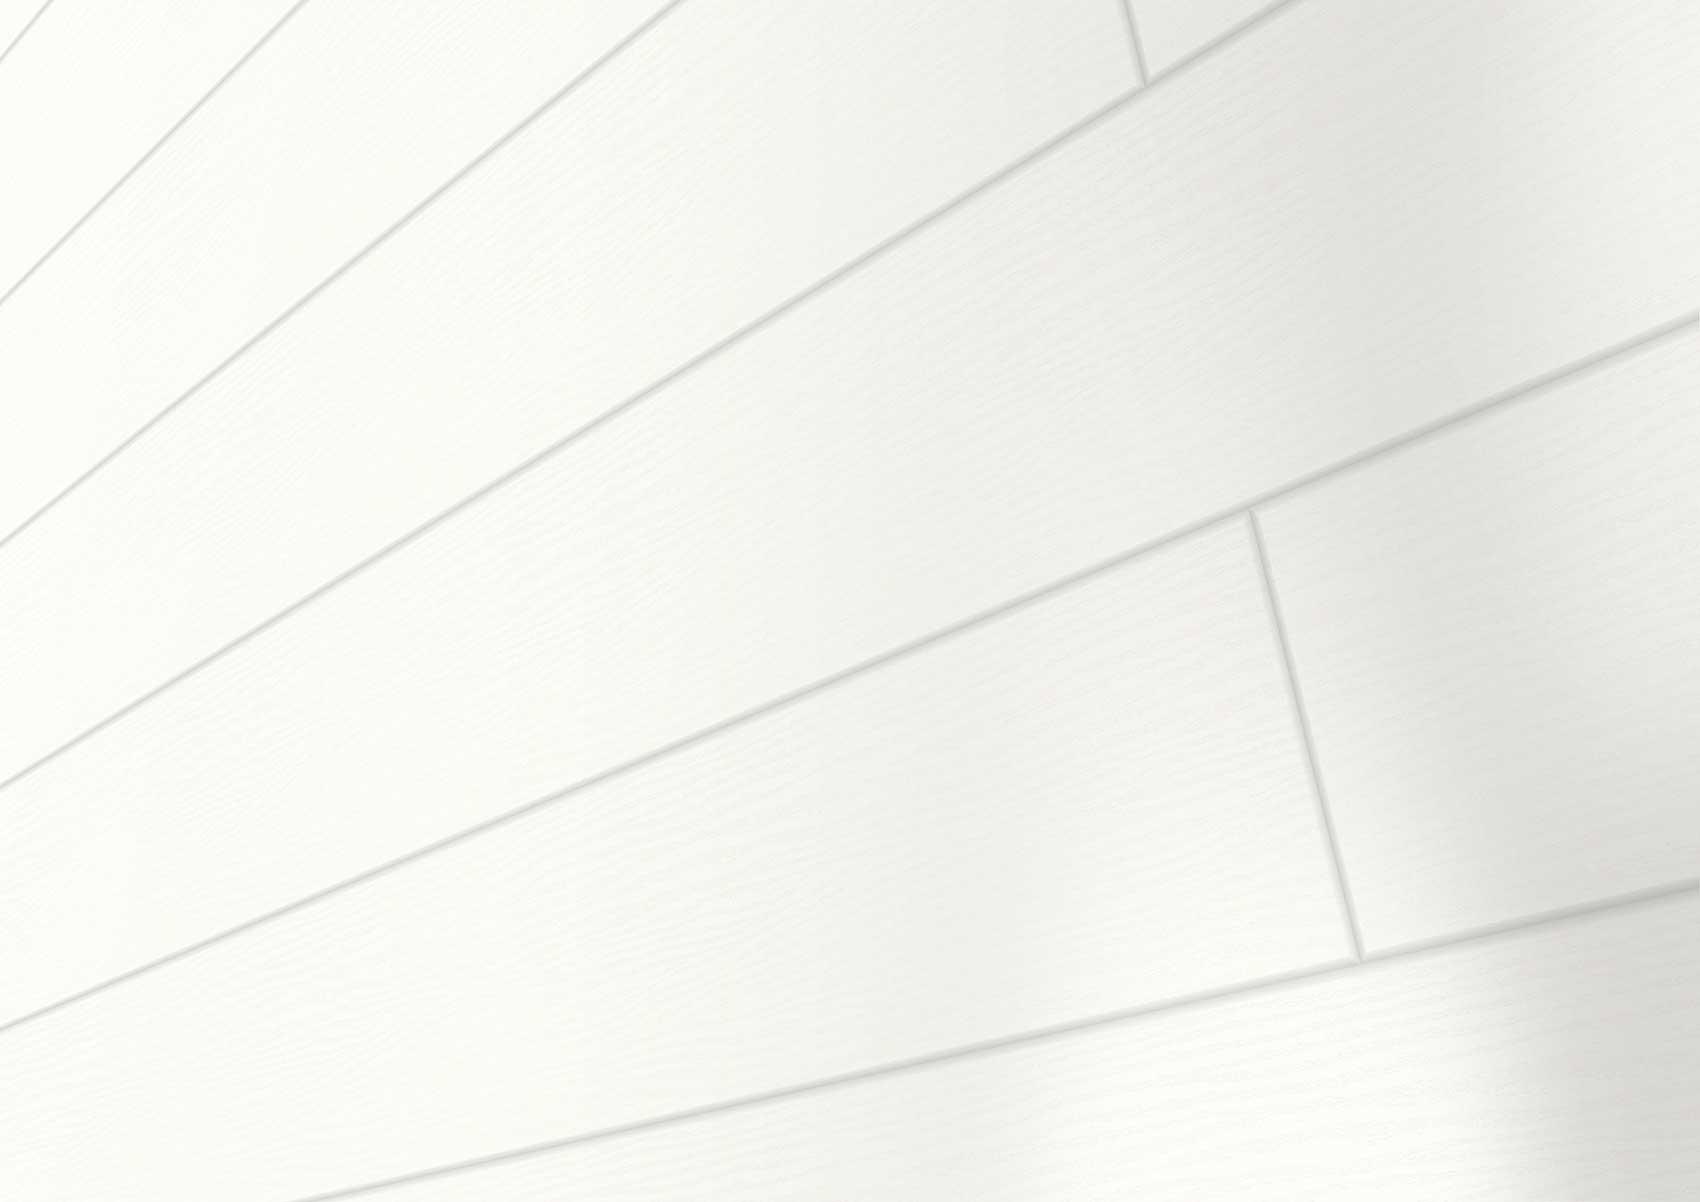 Parador Paneele Home Esche Perlweiss Paneele Wand Decke Holz Kunz De